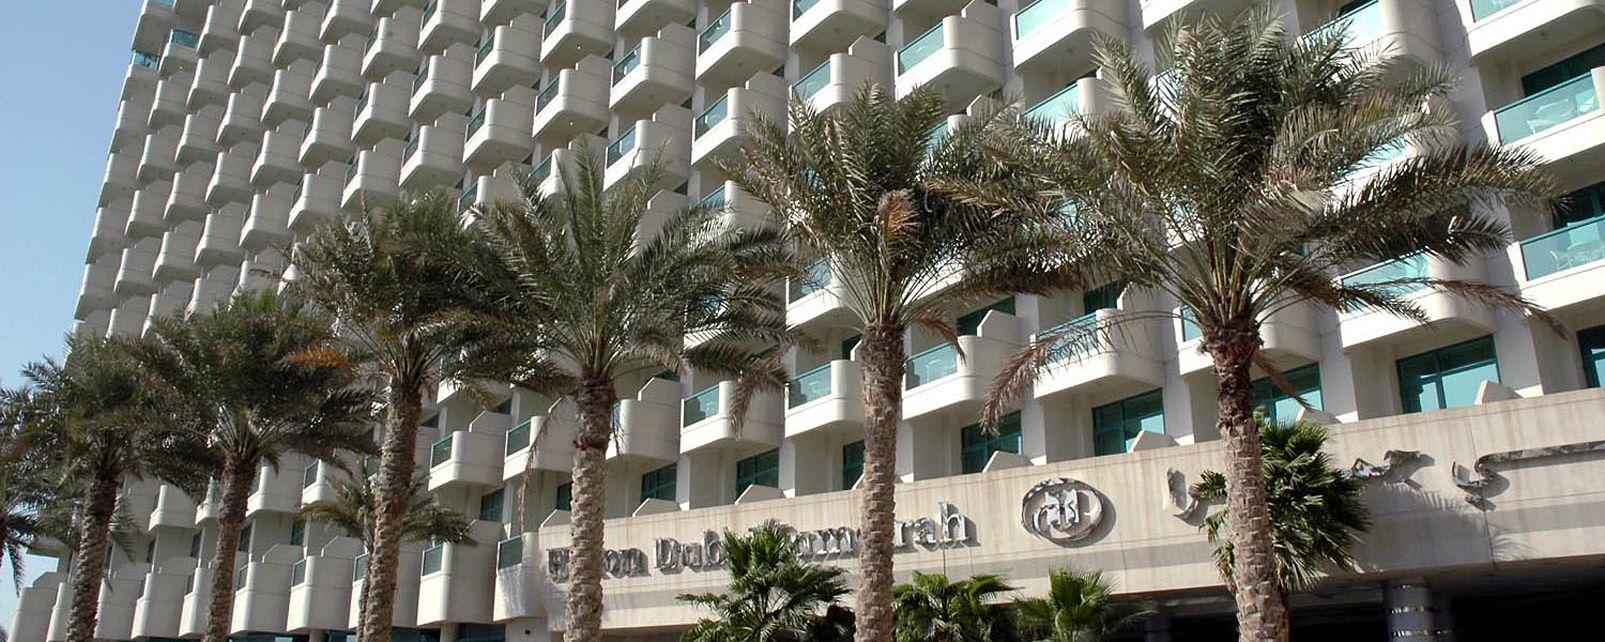 Hôtel Hilton Jumeirah Beach